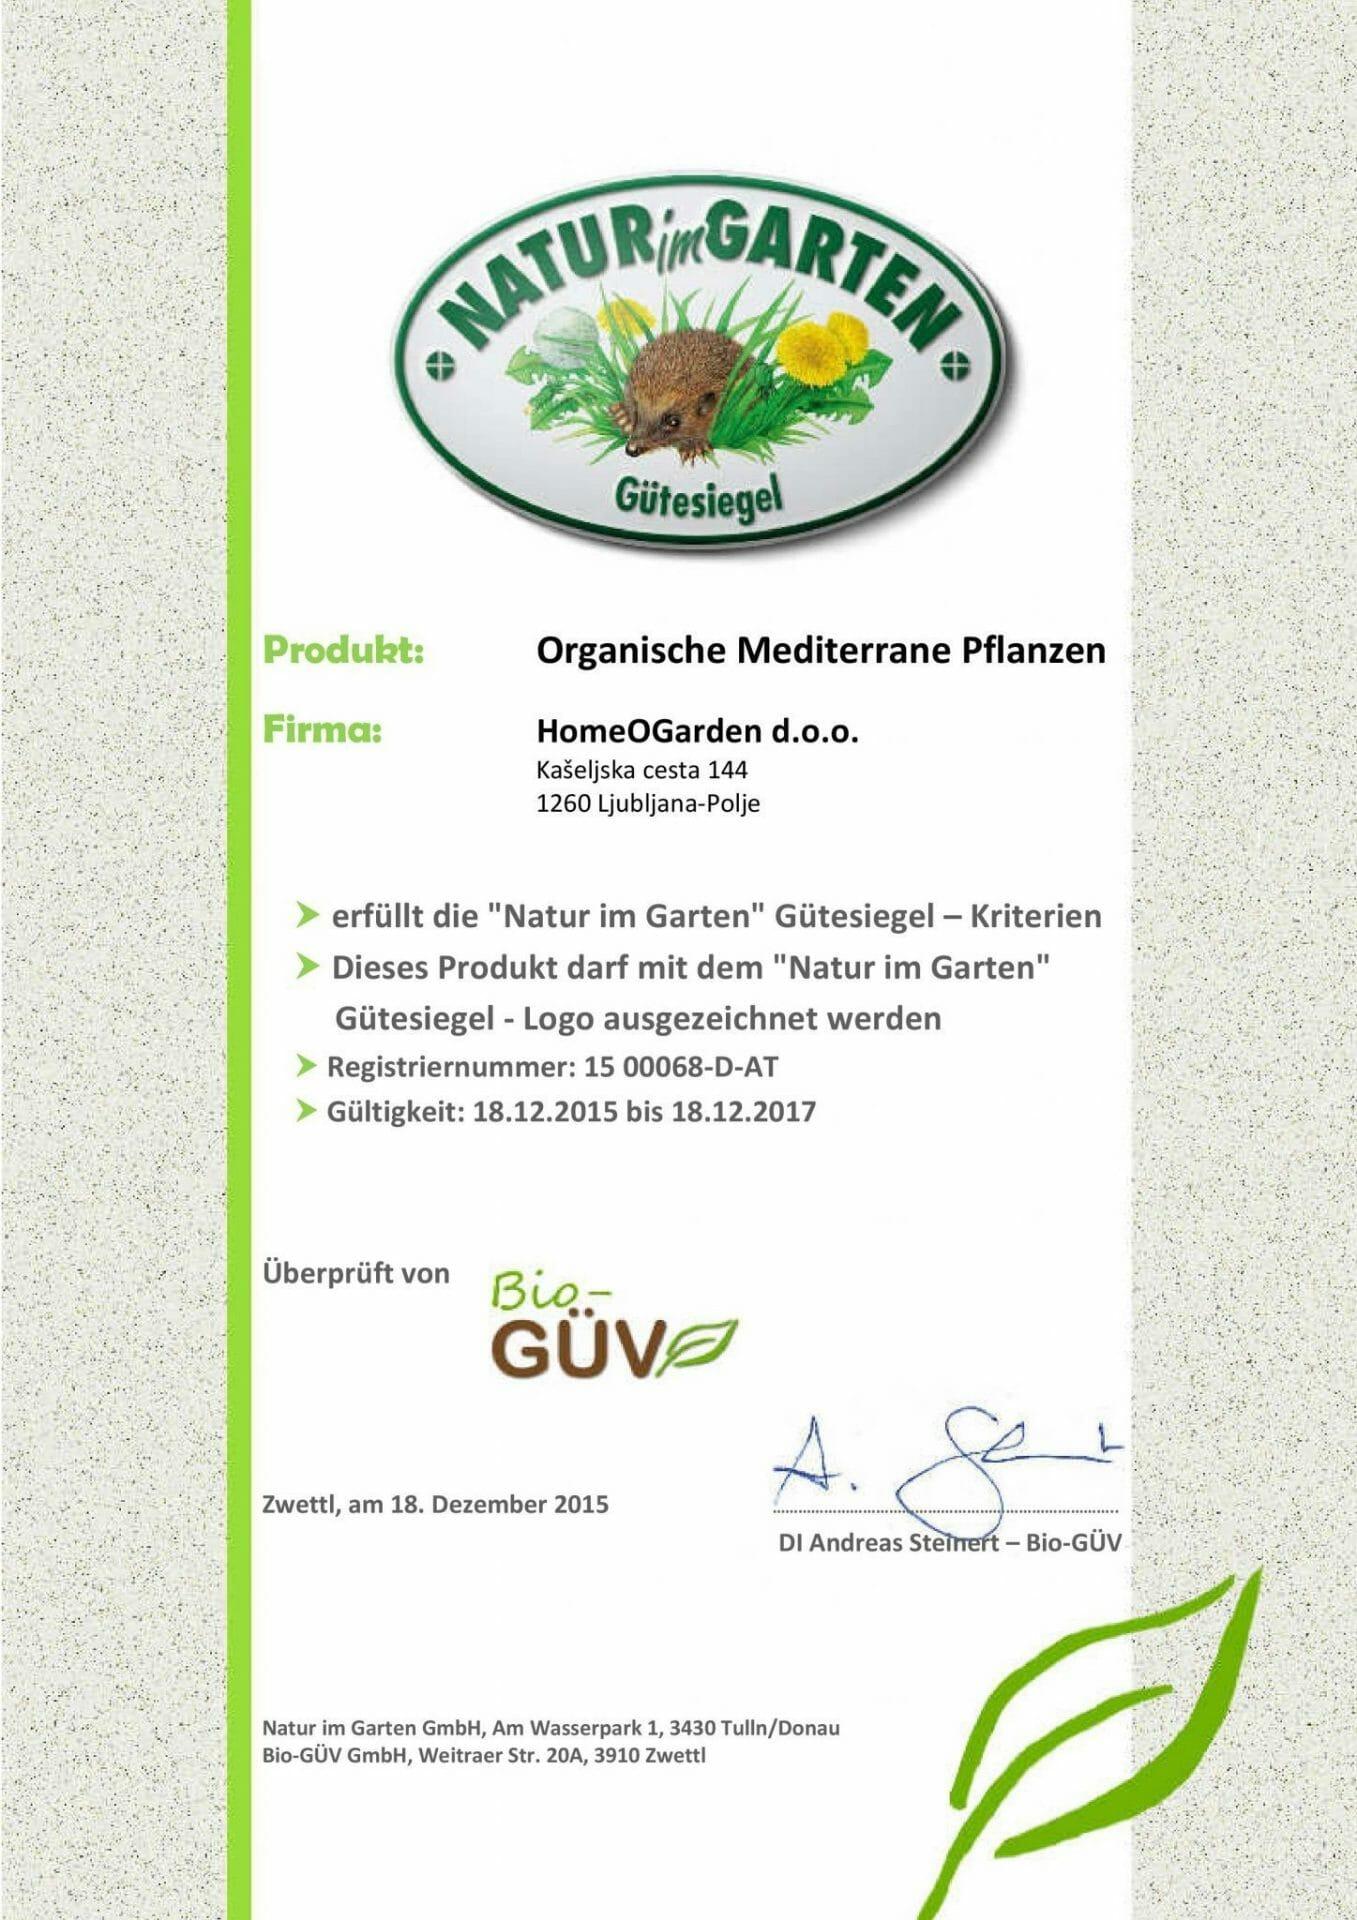 68. HomeOGarden, Organische Mediterrane Pflanzen-page-001